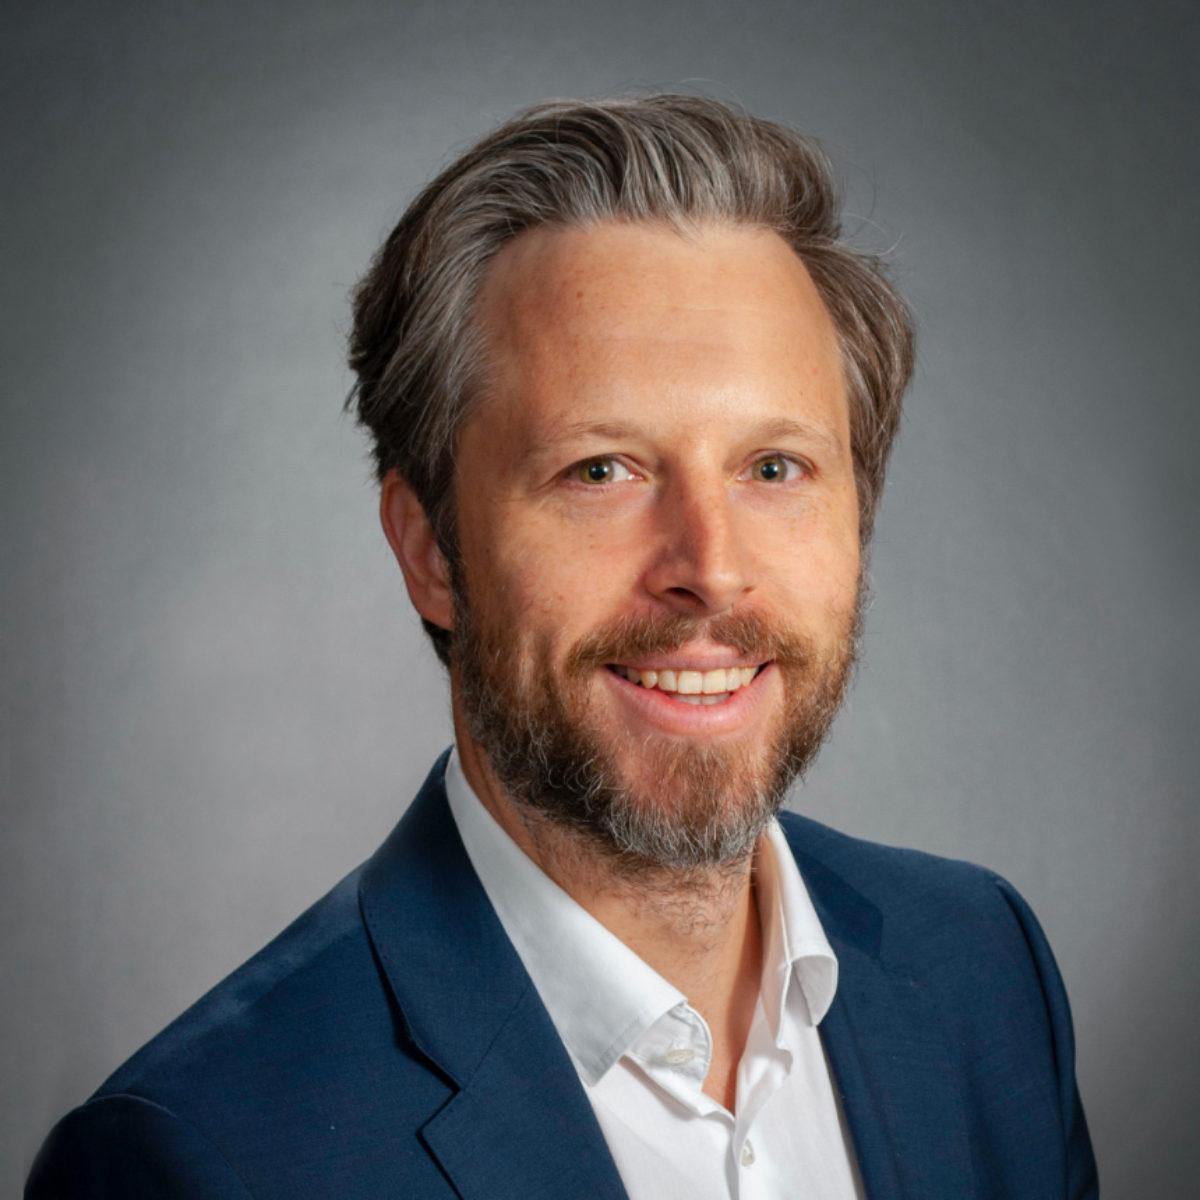 Alexander Meuller